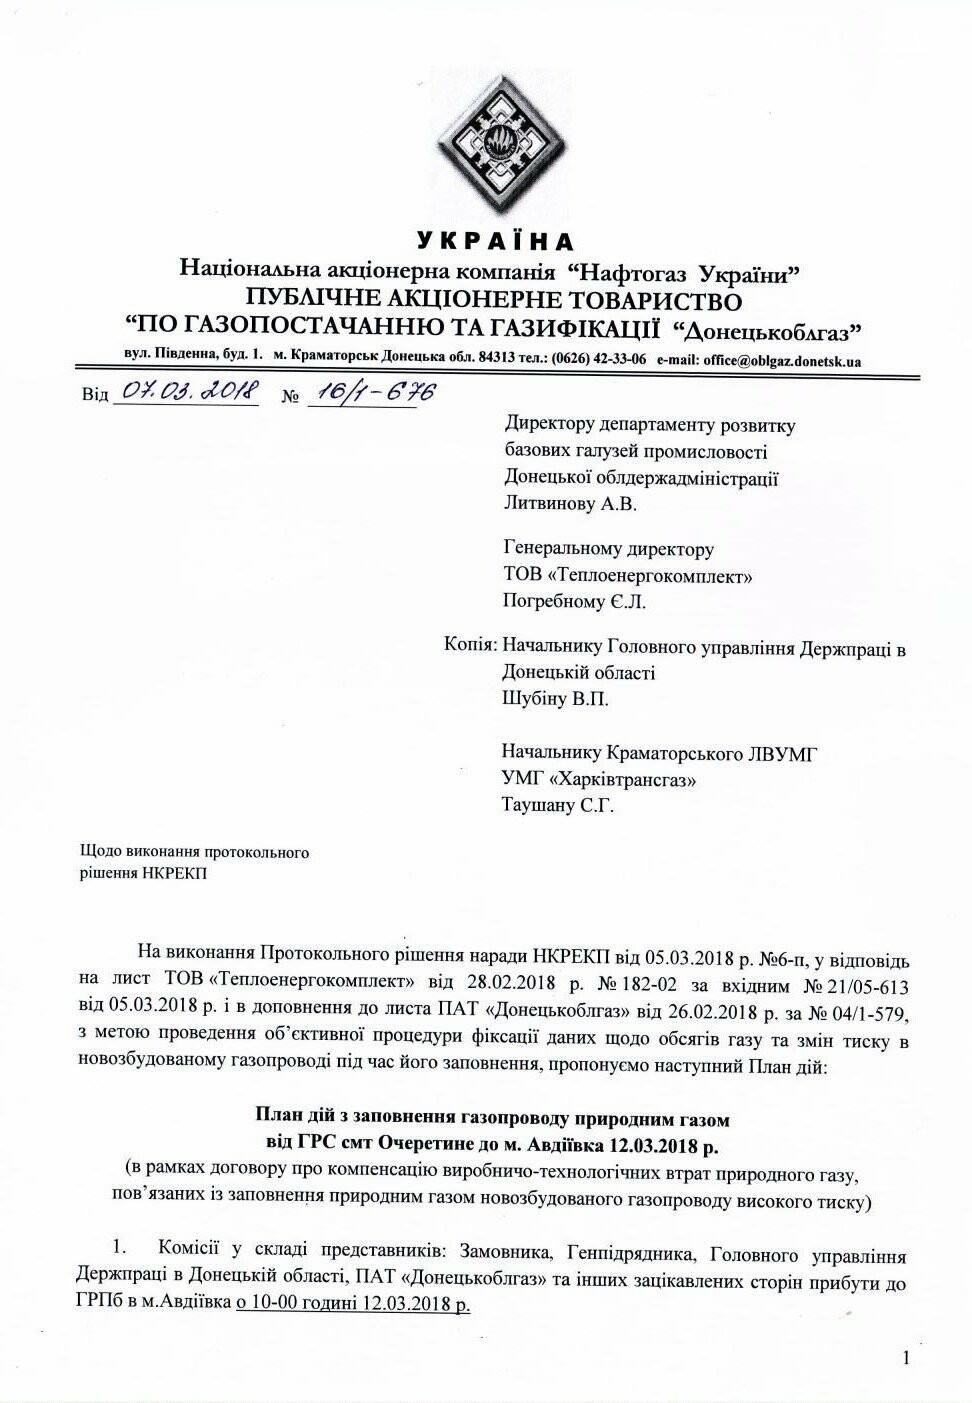 В НКРЄКУ  совещались по газопроводу Очеретино - Авдеевка (ДОКУМЕНТ), фото-1